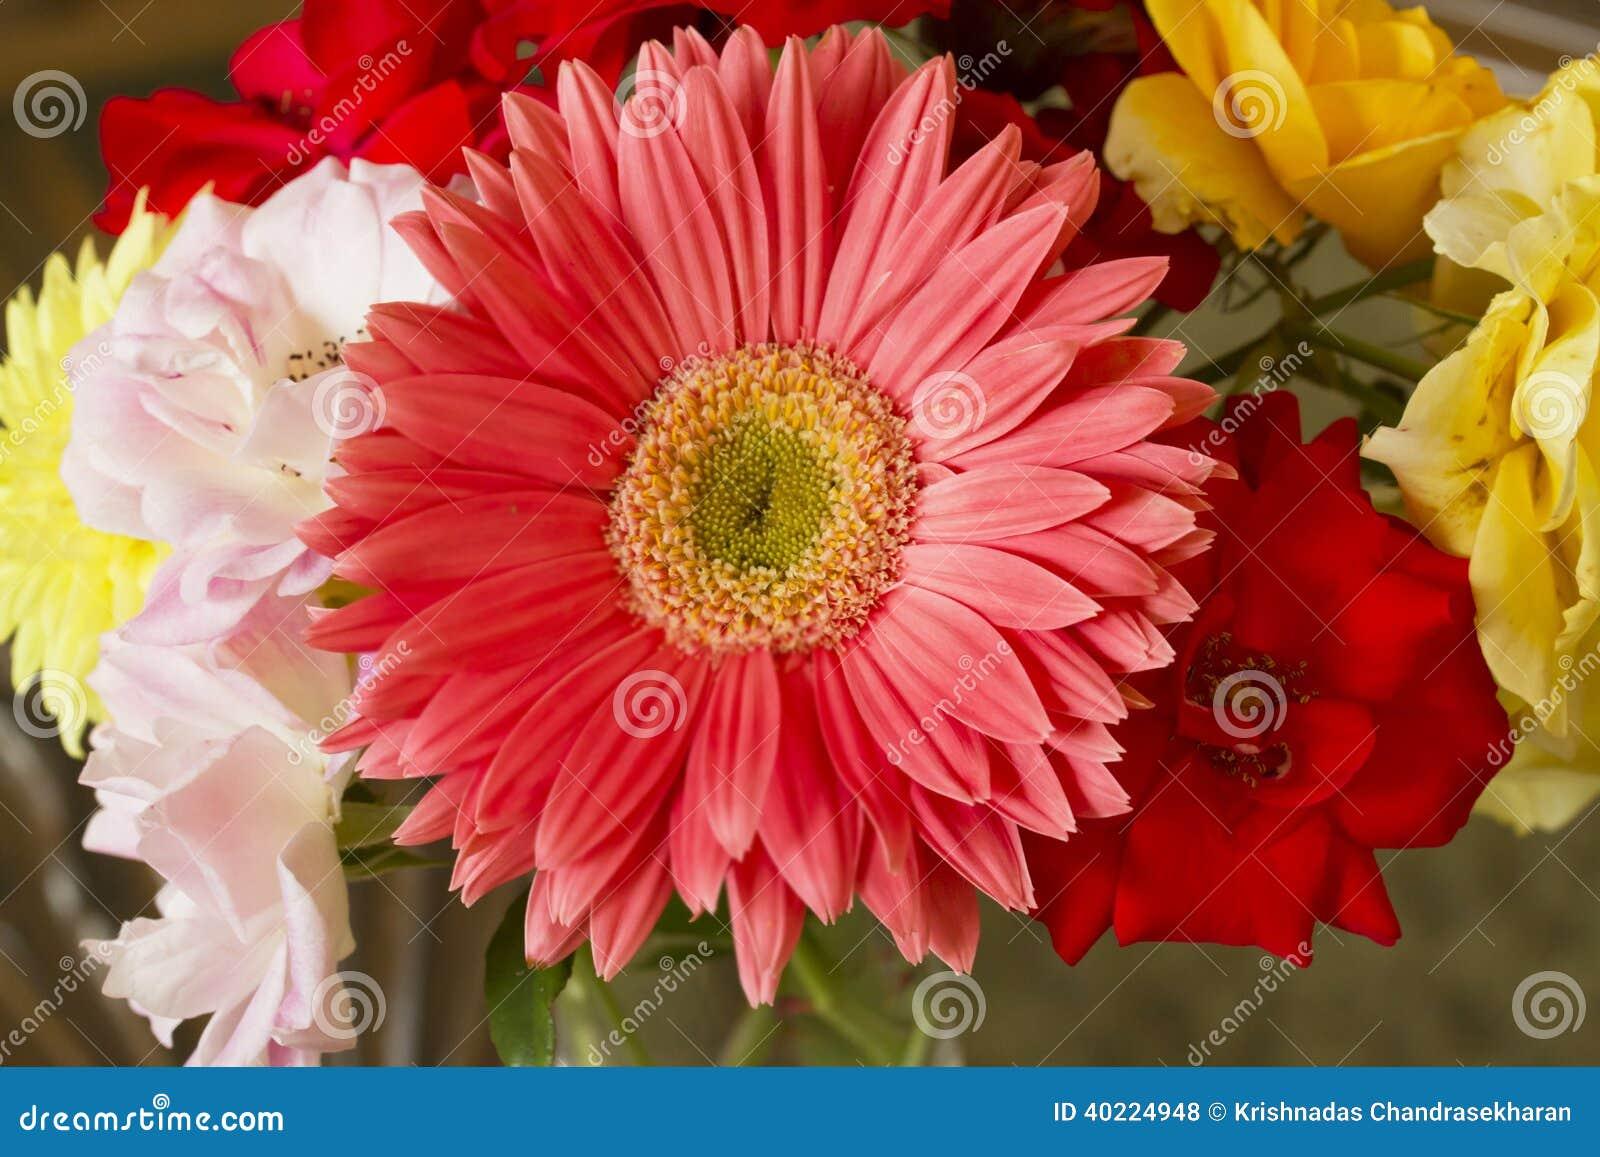 Bunch Of Flowers Stock Photo Image Of Dalia Botanic 40224948